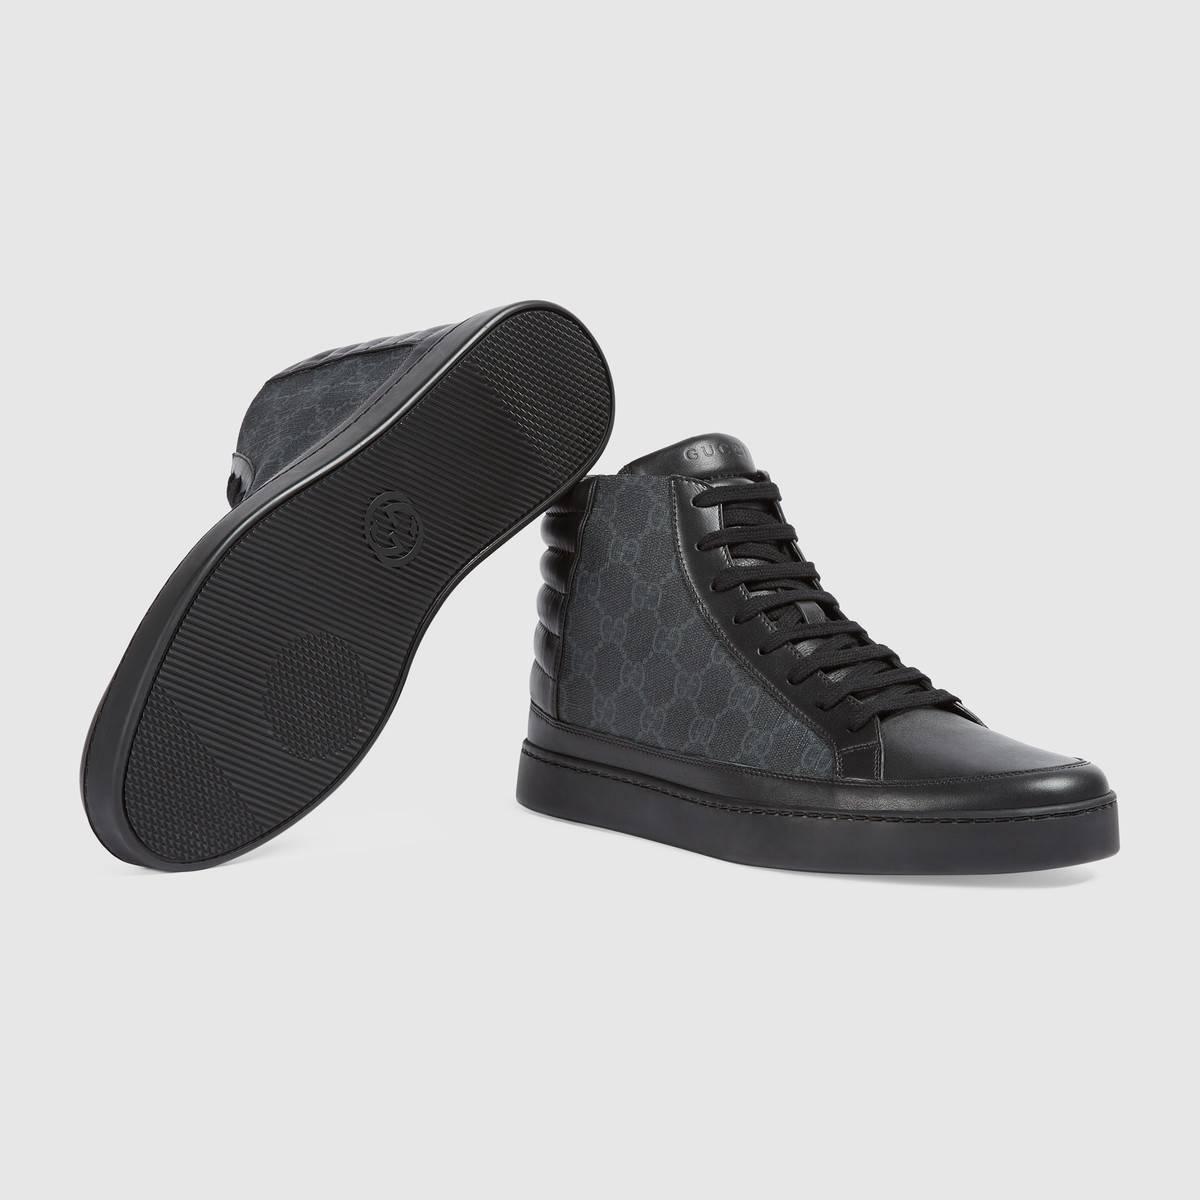 Sneakers alte Gucci uomo prezzo 450 euro